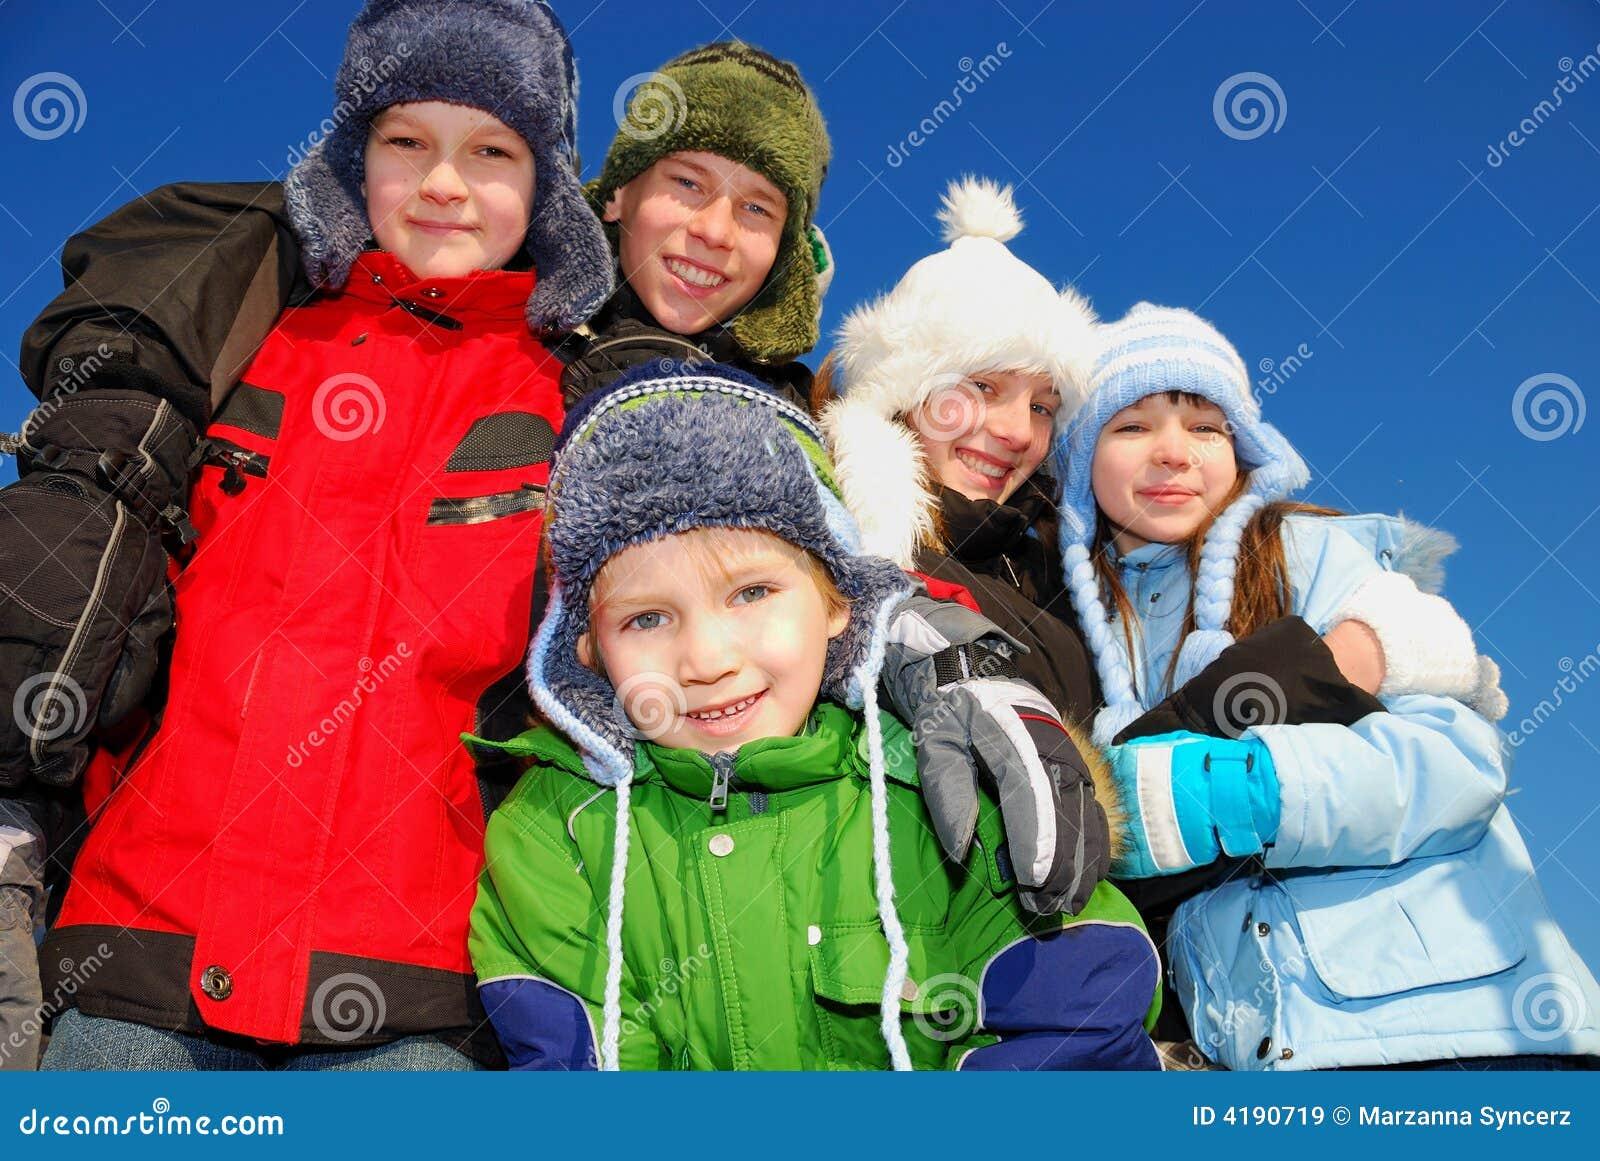 Dzieci ubrania zimowe